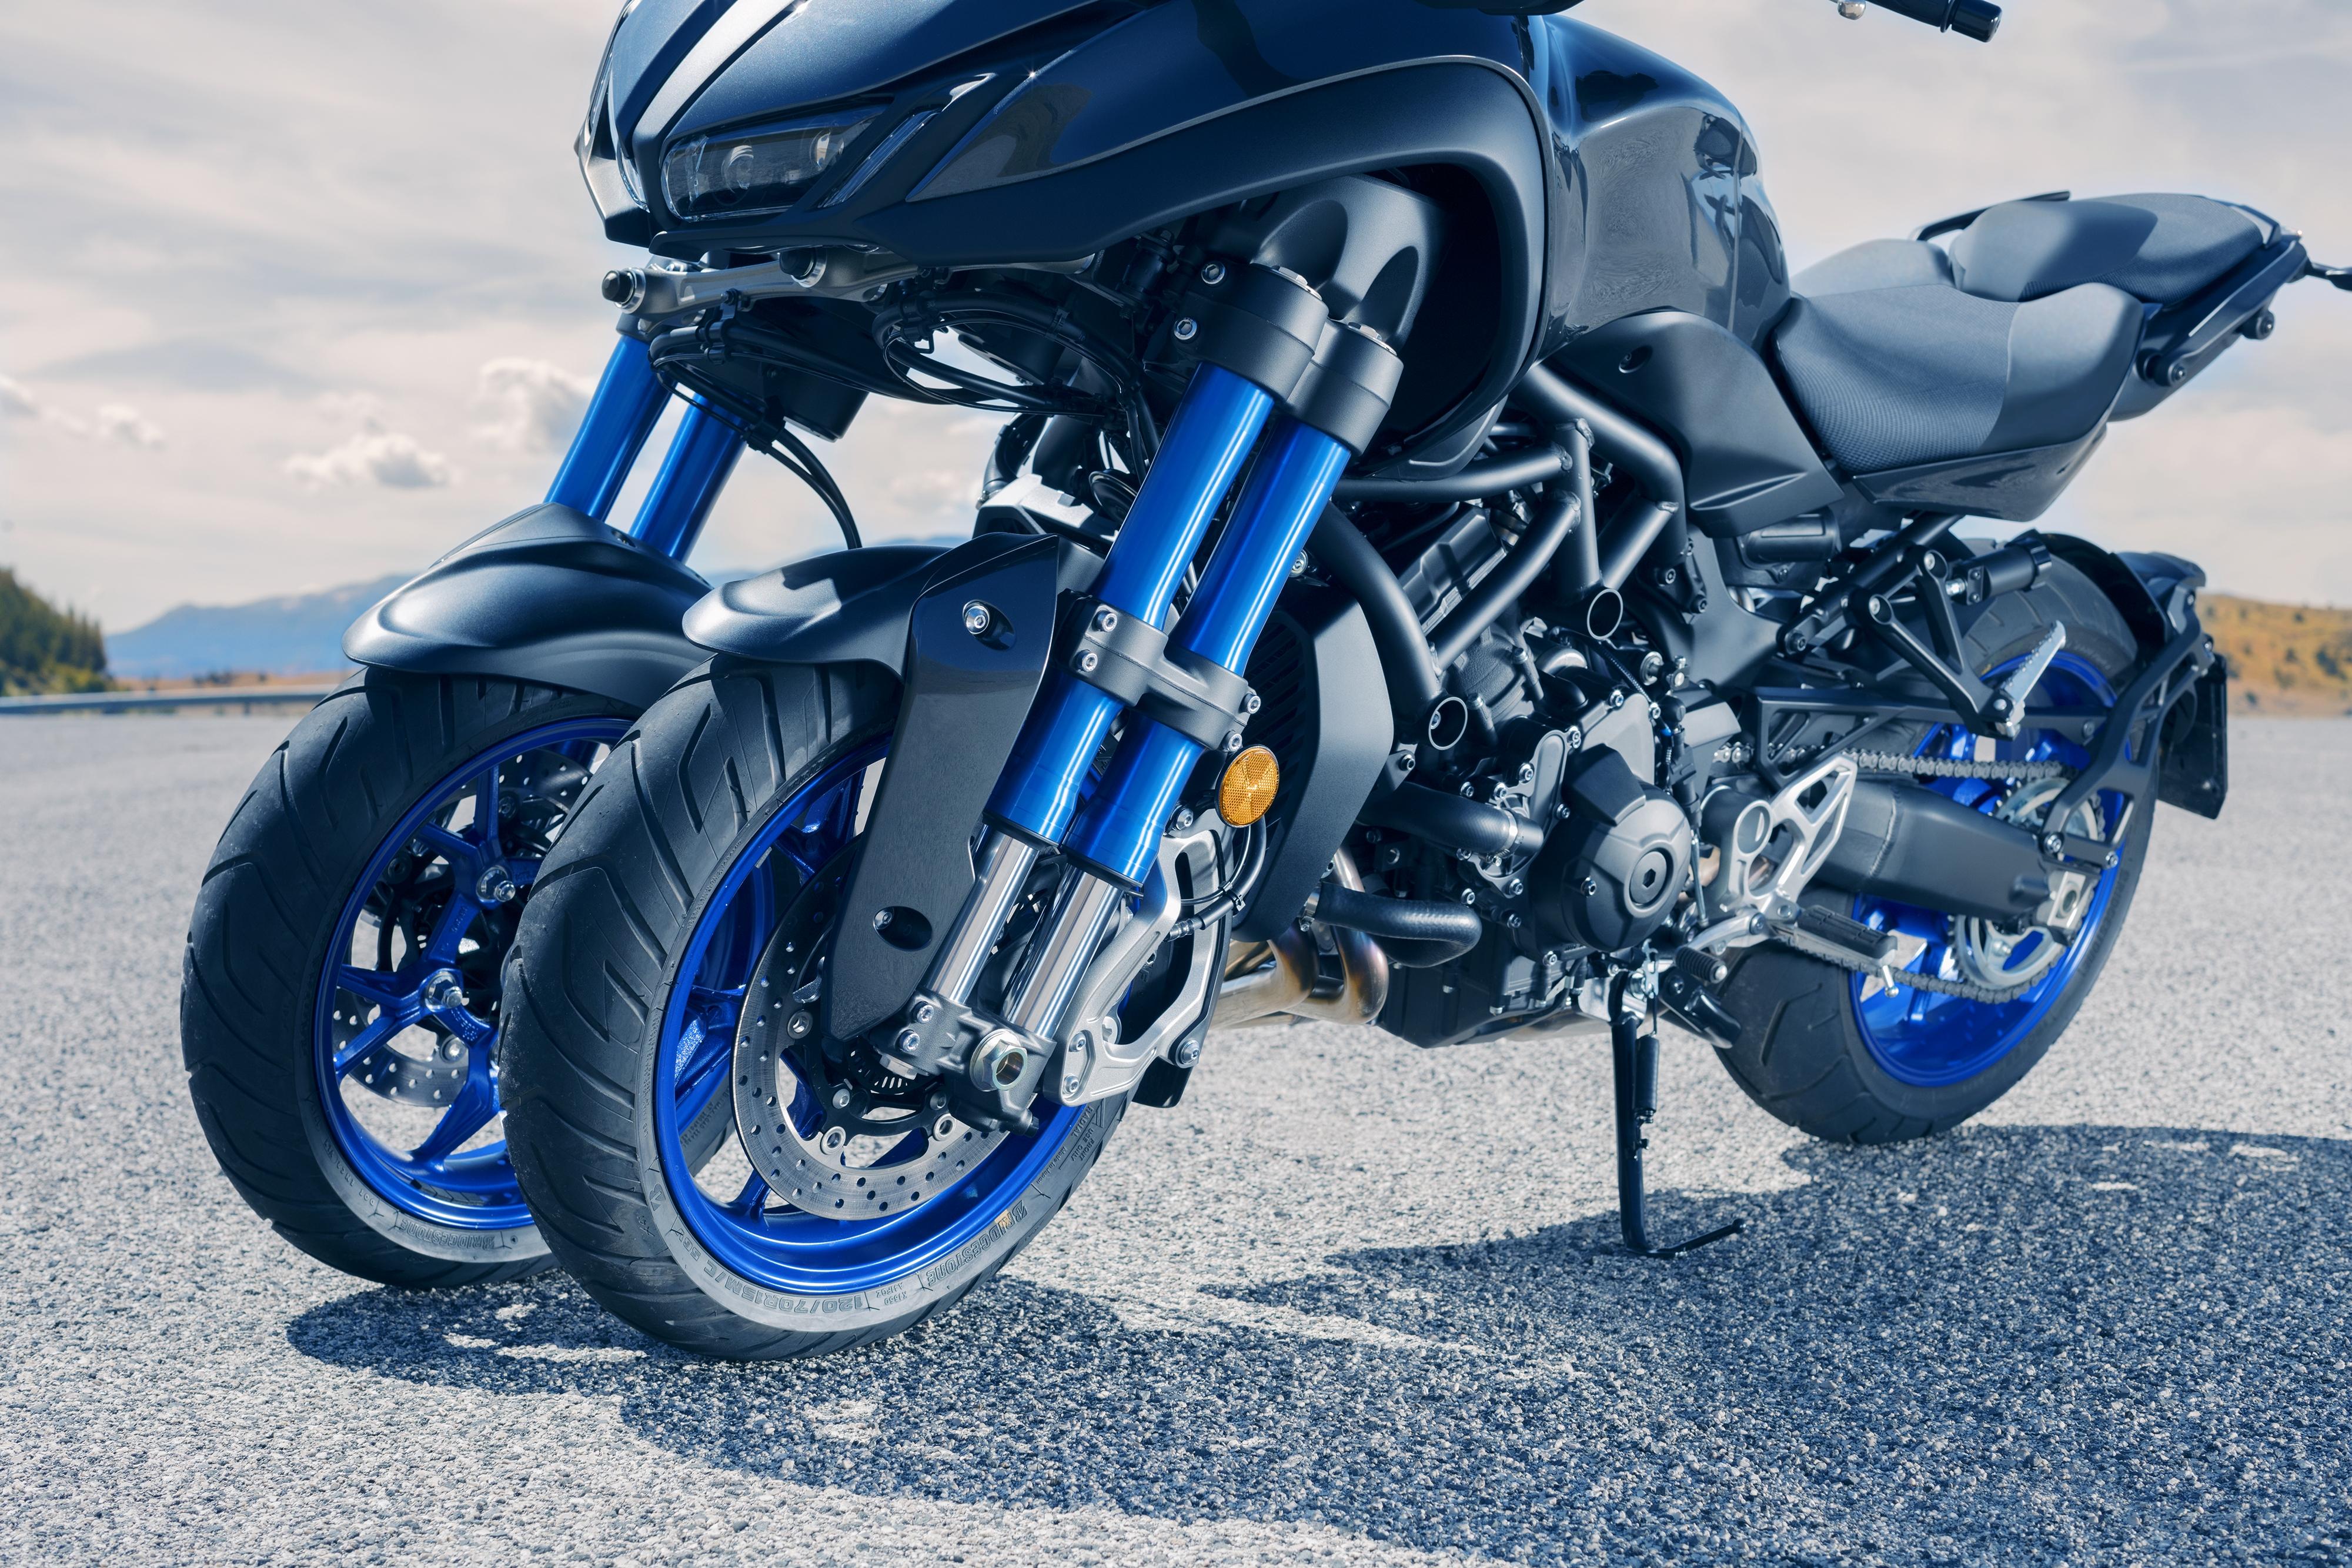 yamaha niken review threewheeled motorcycle - HD3600×2400